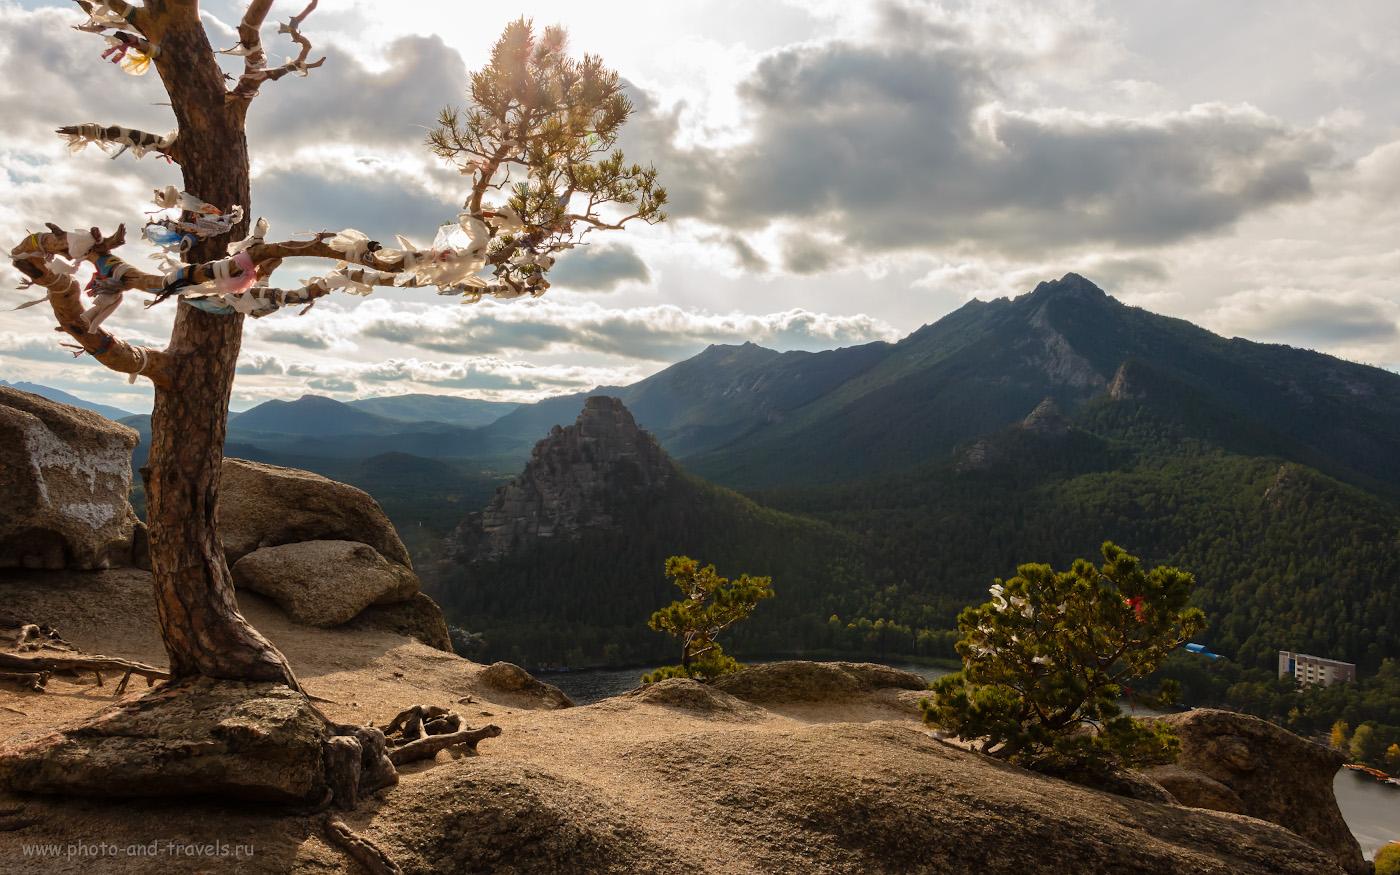 Снимок 17. На вершине горы Болектау в национальном природном парке «Бурабай». Вид на хребет Кокшетау. Стоит ли ехать в Казахстан отдыхать? За такими видами – да! 1/320, +0.3, 10, 200, 18.